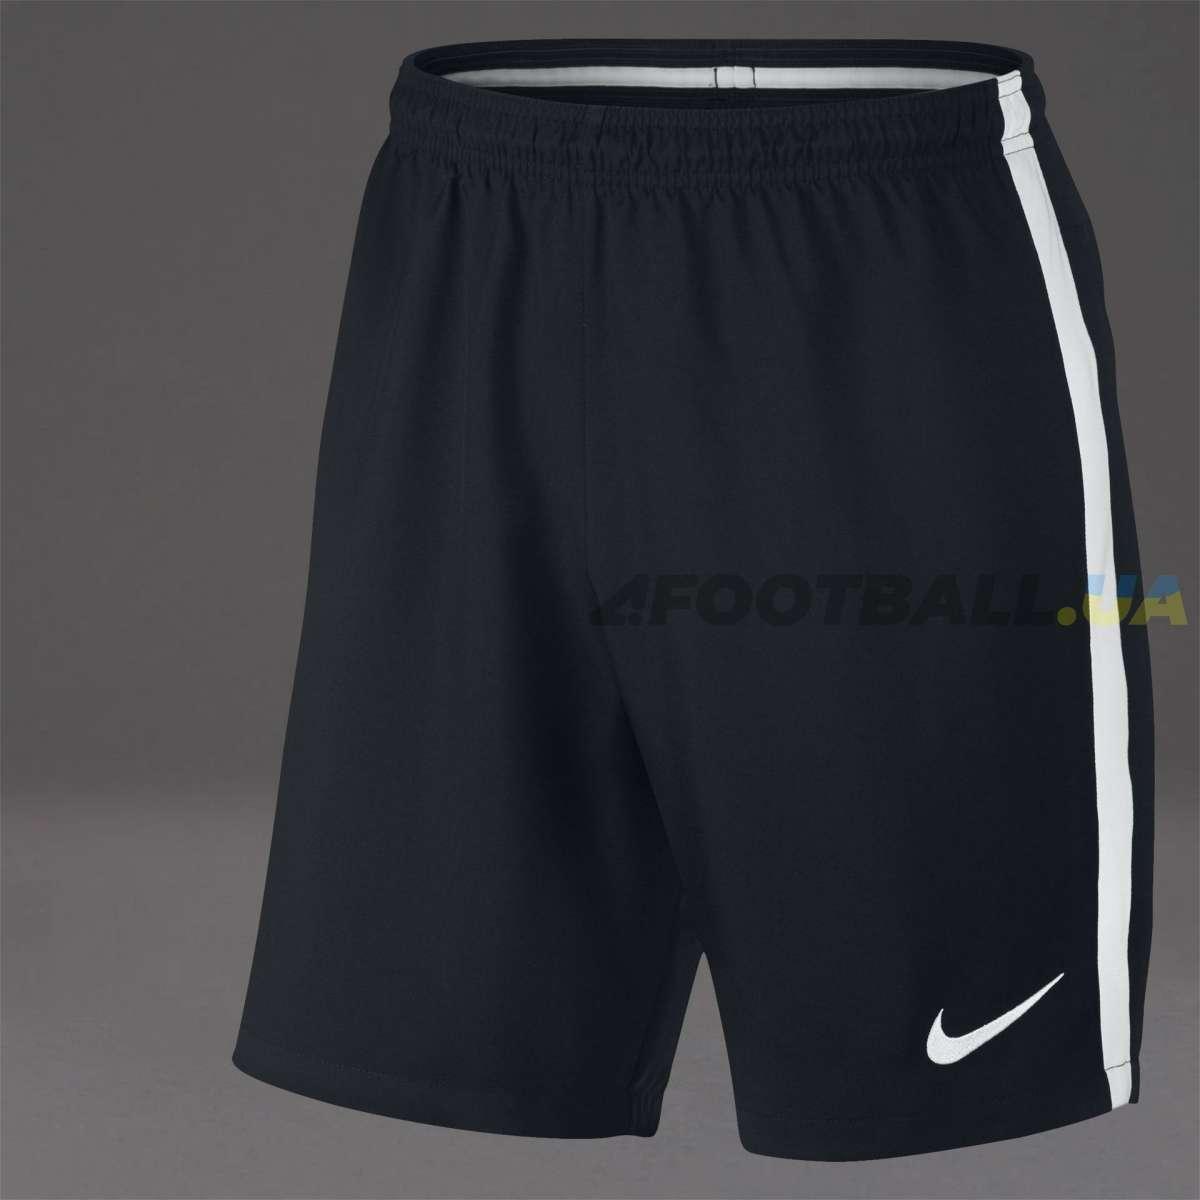 31cc6856 Футбольные шорты Nike SQD Elite 818655-010 купить на 4football™ в ...